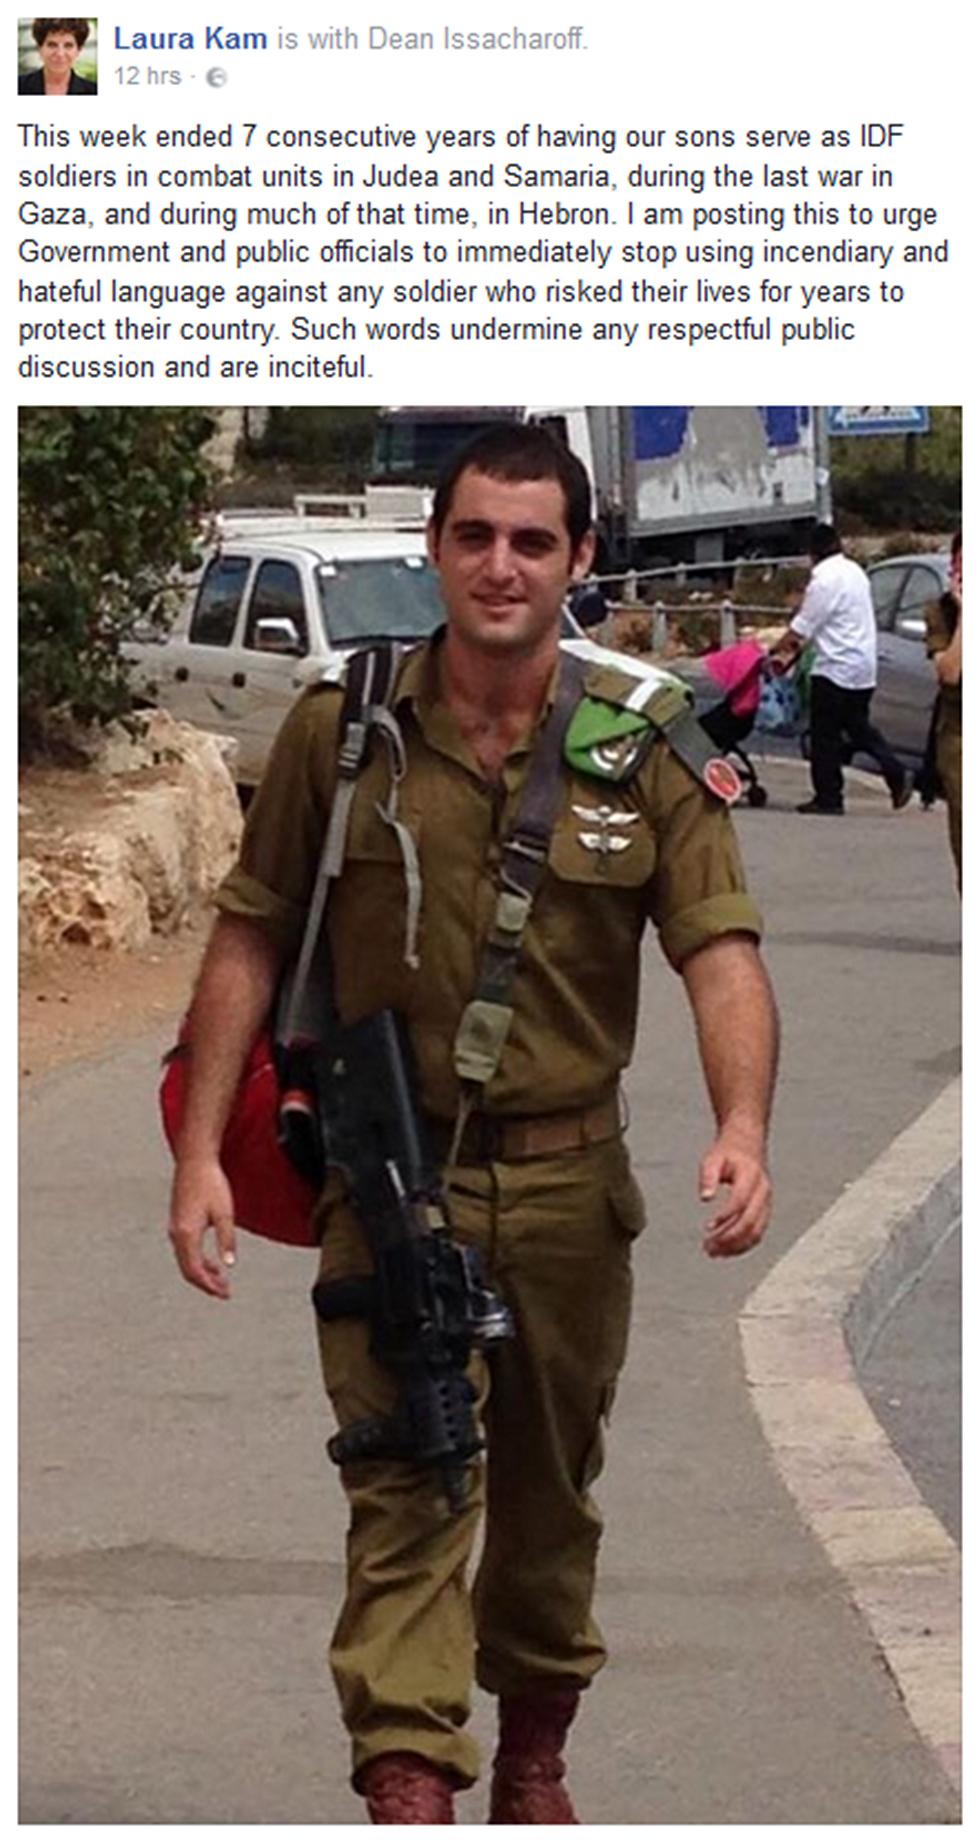 הפוסט שפרסמה אמו של יששכרוף (בתמונה, בעת שירותו הצבאי) ()